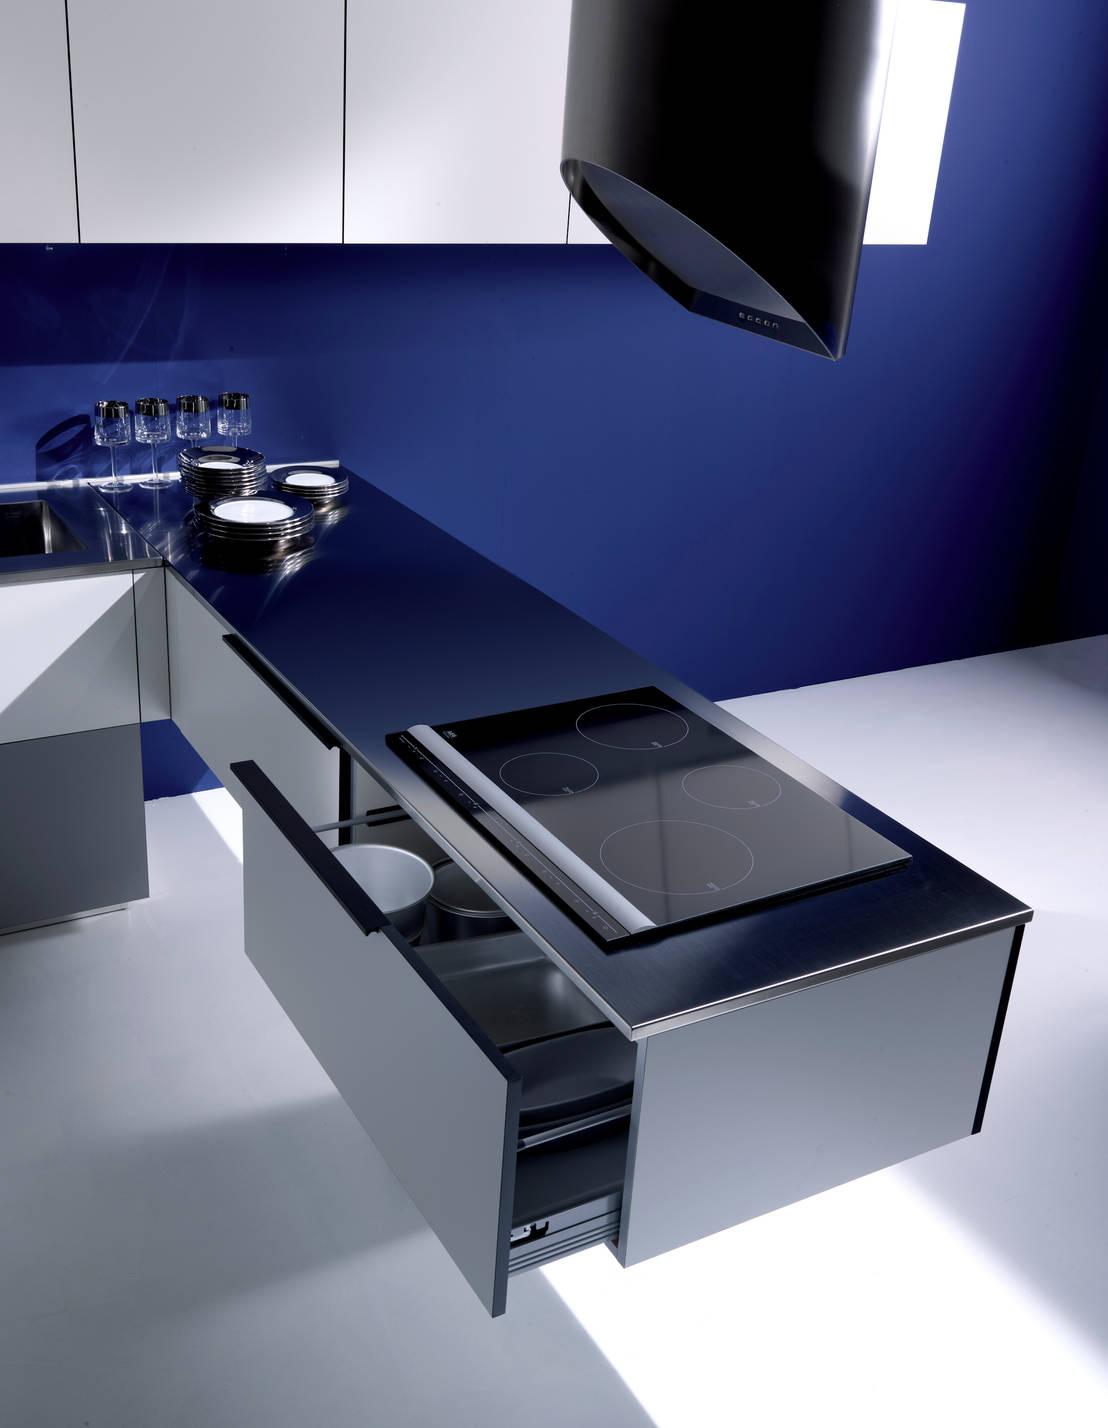 Dove riporre pentole e padelle in cucina - Dove comprare cucina ...